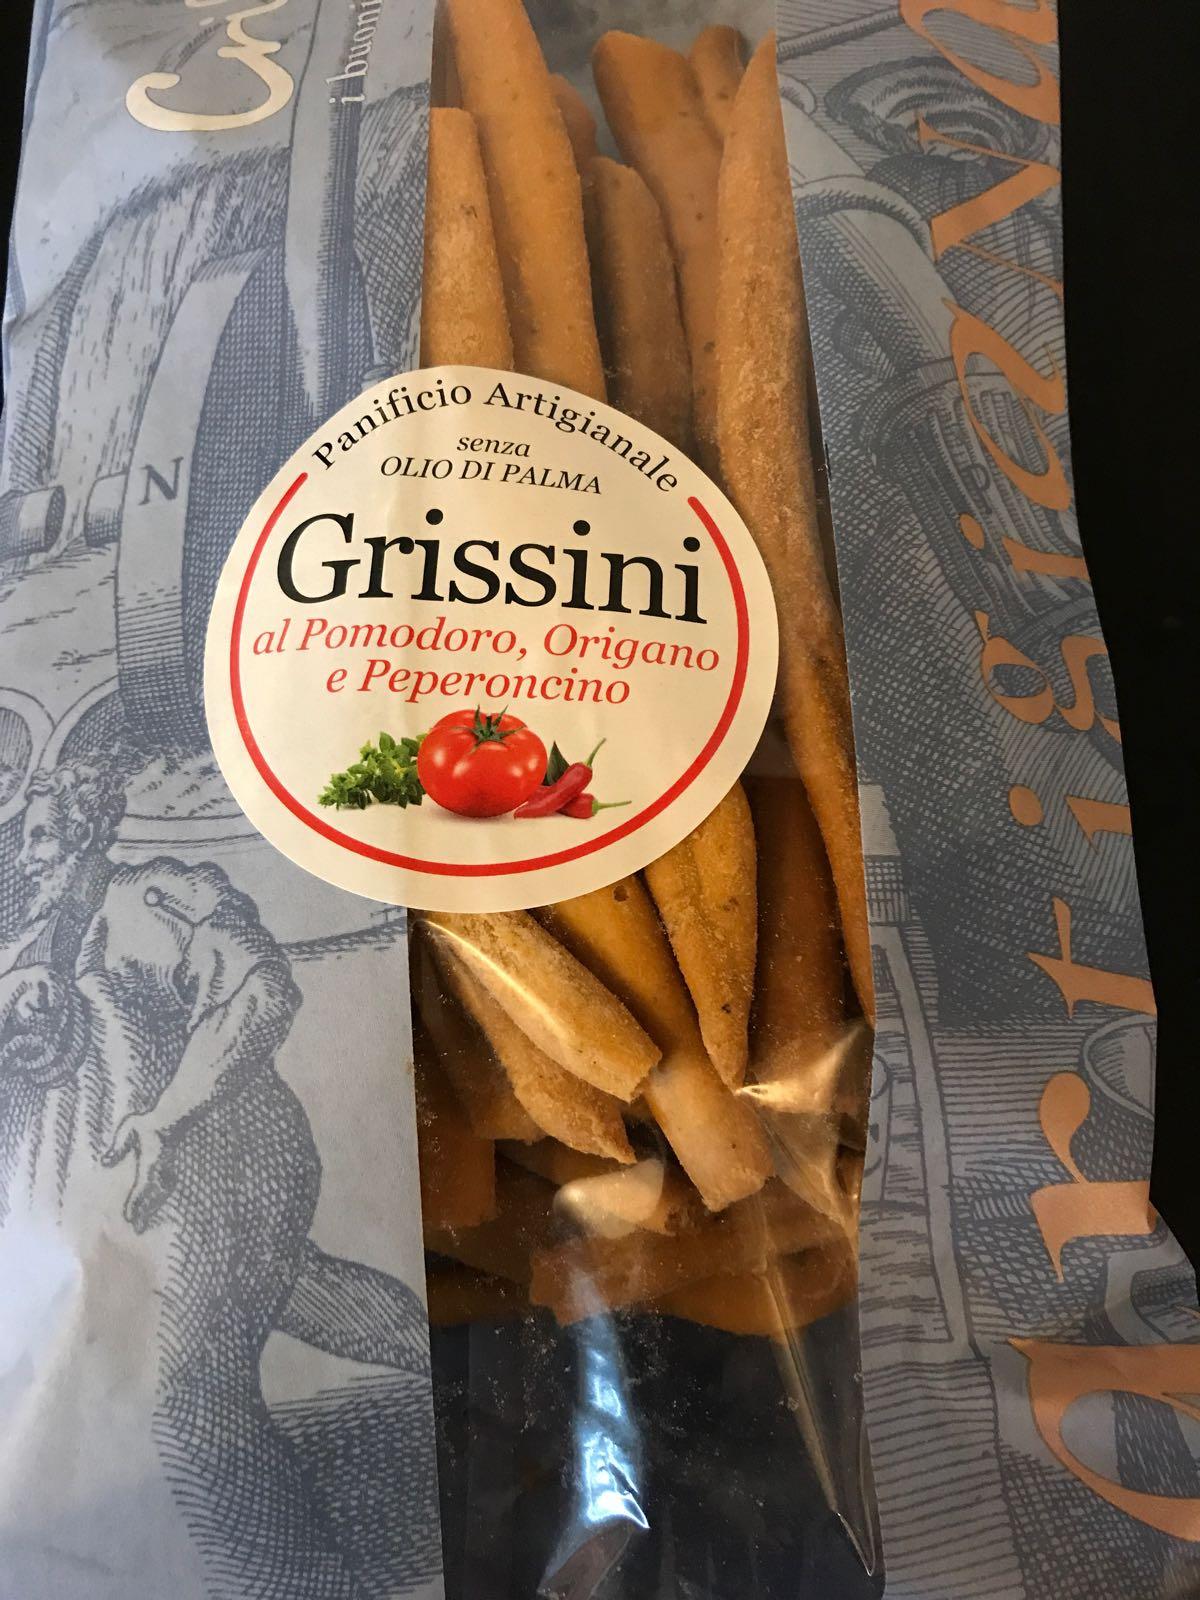 Grissimi Sticks al pmoodor origano e peperoncino